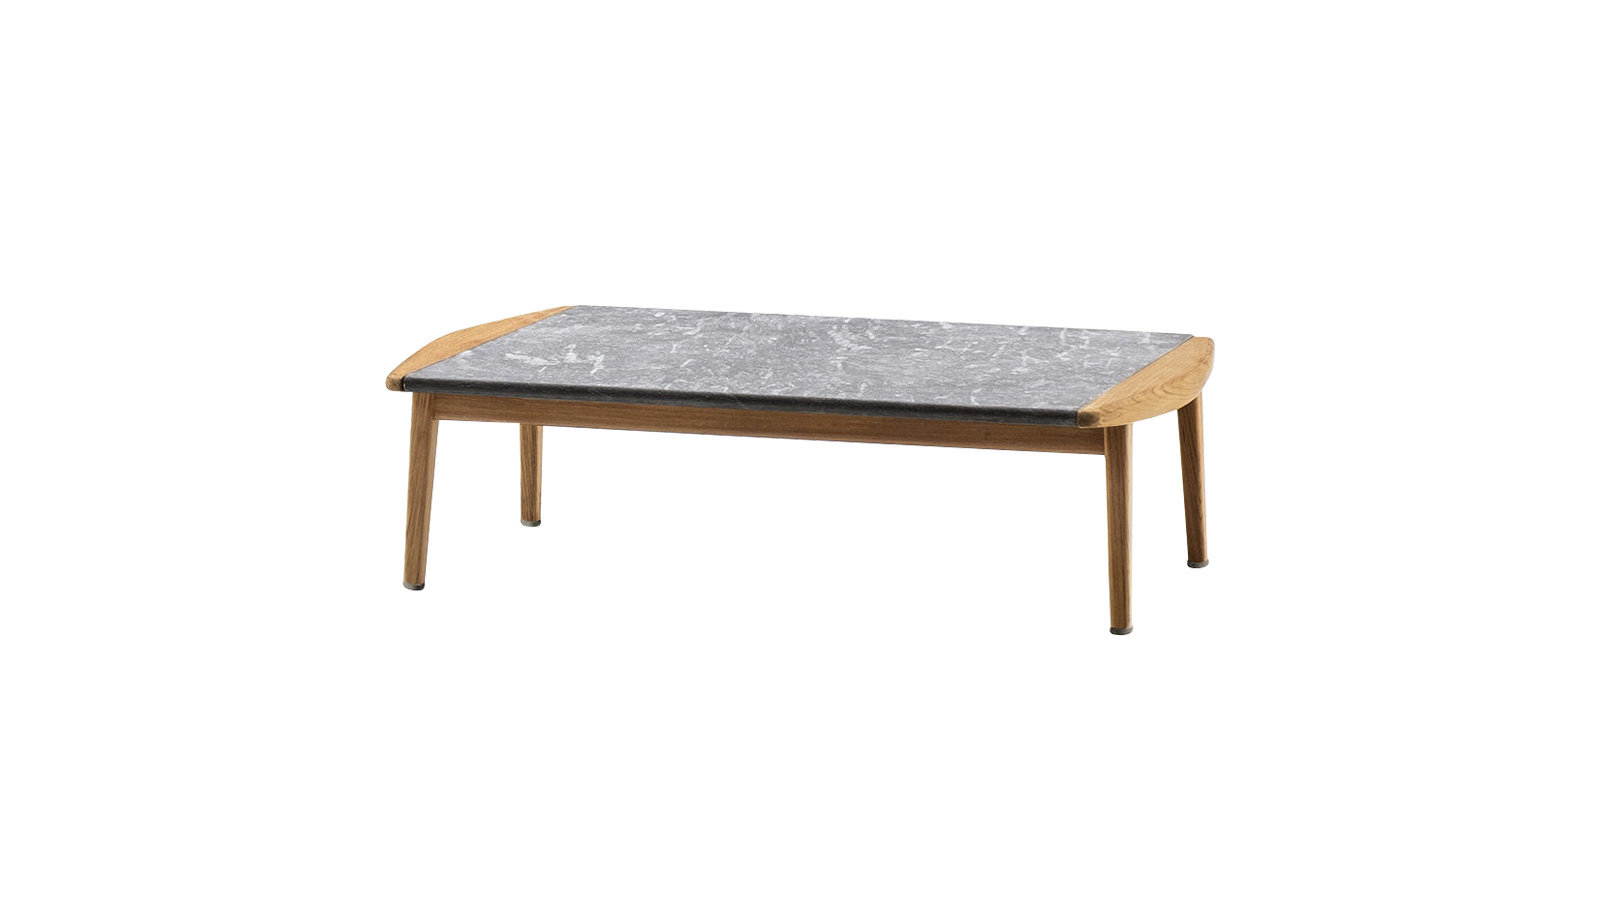 Skandináv design és olasz kézművesség keveredik a Minotti Fynn outdoor kollekciójában, mely kissé retró stílusával emelkedik ki a többi hasonló bútordarab mezőnyéből. A kültéri lerakóasztal-sorozat esetében ugyanaz a lágy ív határozza meg a designt, mint a kollekció többi darabjánál, míg a tárgy középpontjában a Cardoso-i kőből készült asztallap áll.